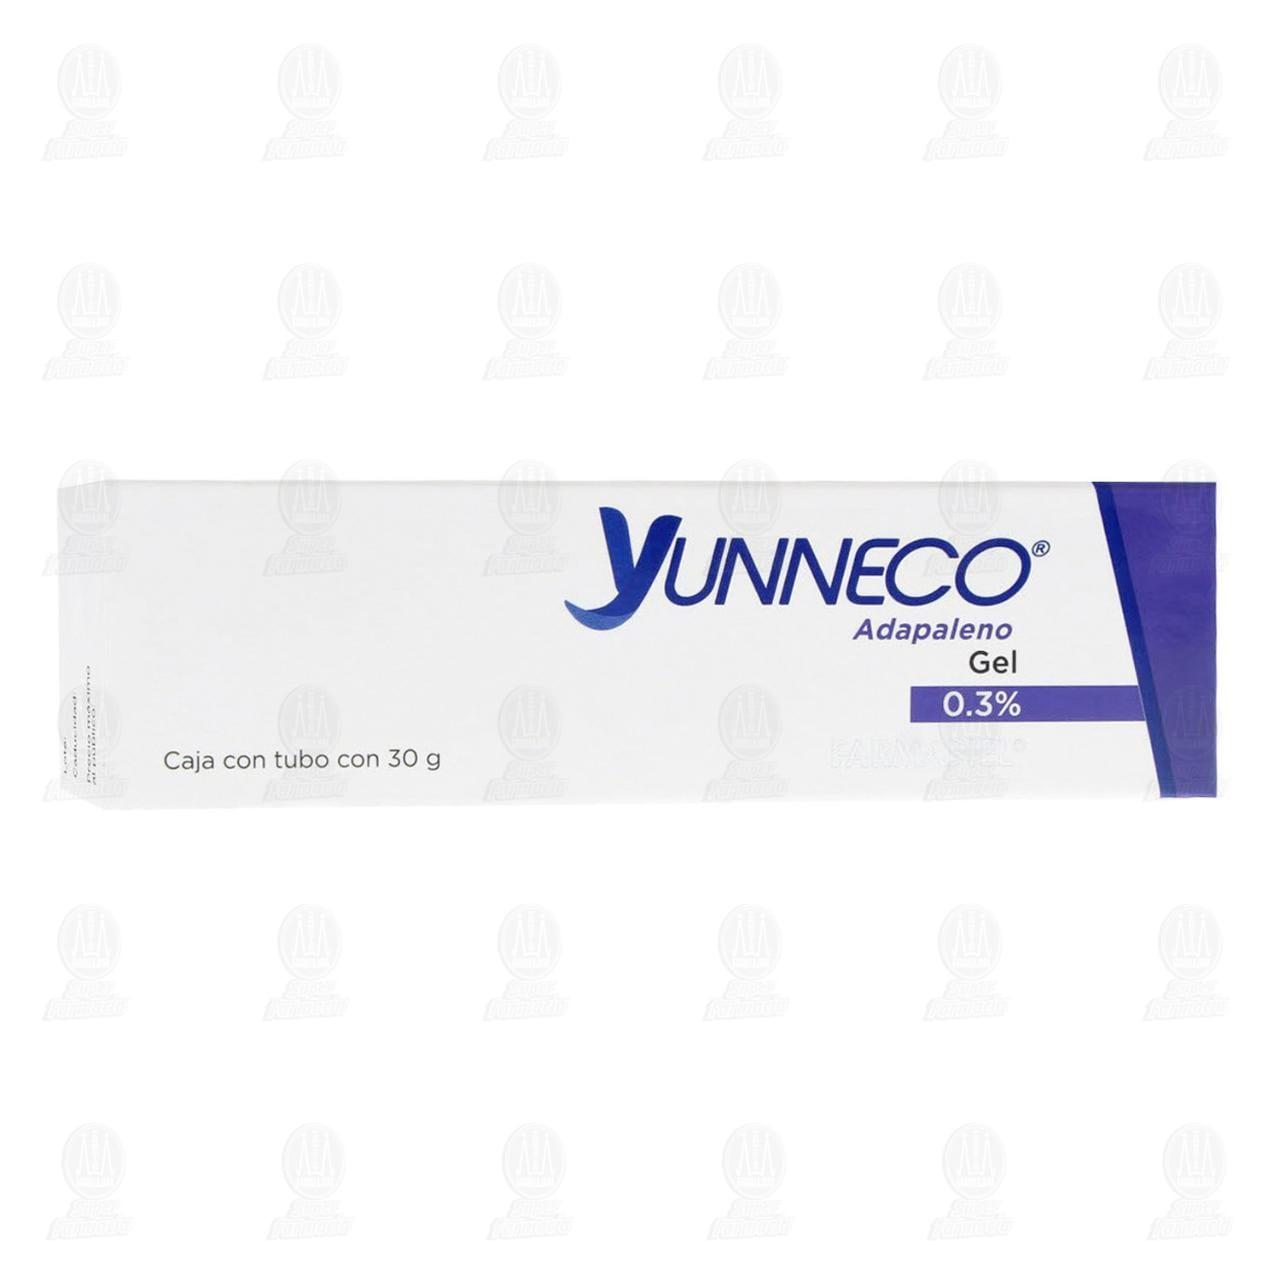 Comprar Yunneco Gel 0.3%, 30 gr. en Farmacias Guadalajara